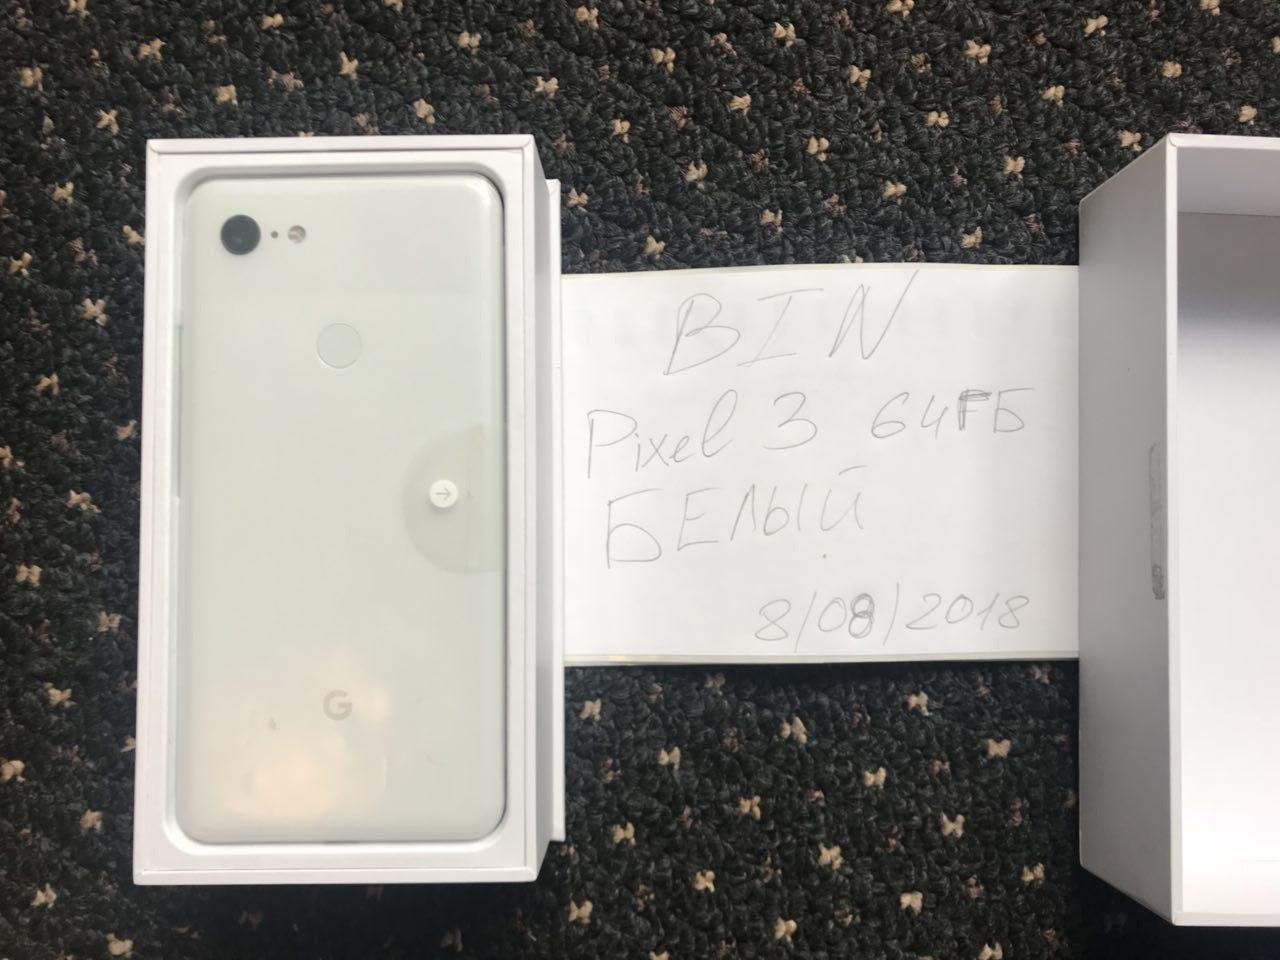 Confezione di Pixel 3 XL con smartphone | Evosmart.it